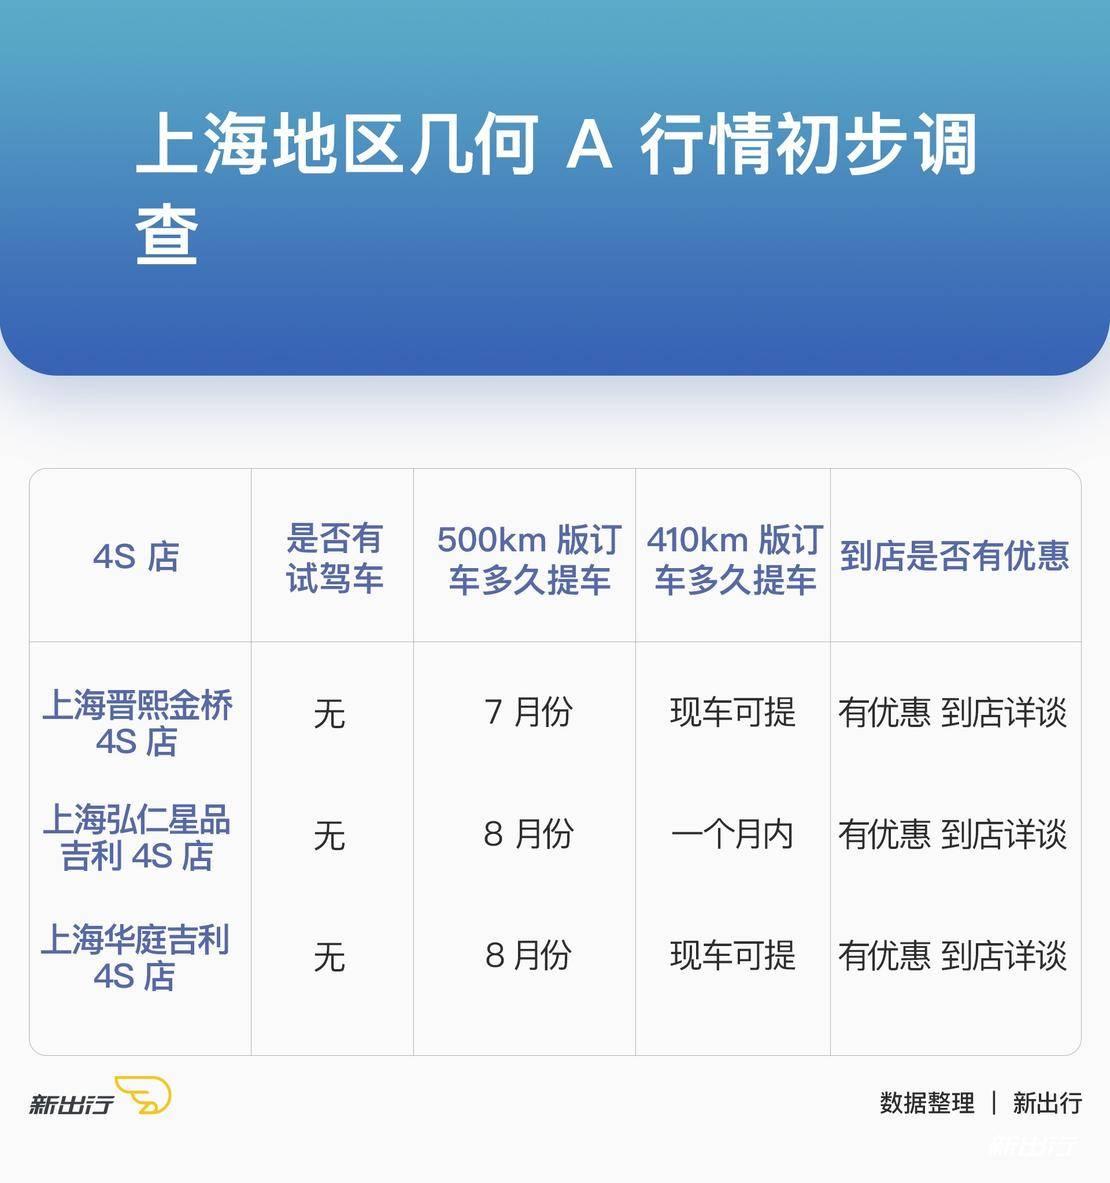 几何-A-上海地区行情调查.jpg